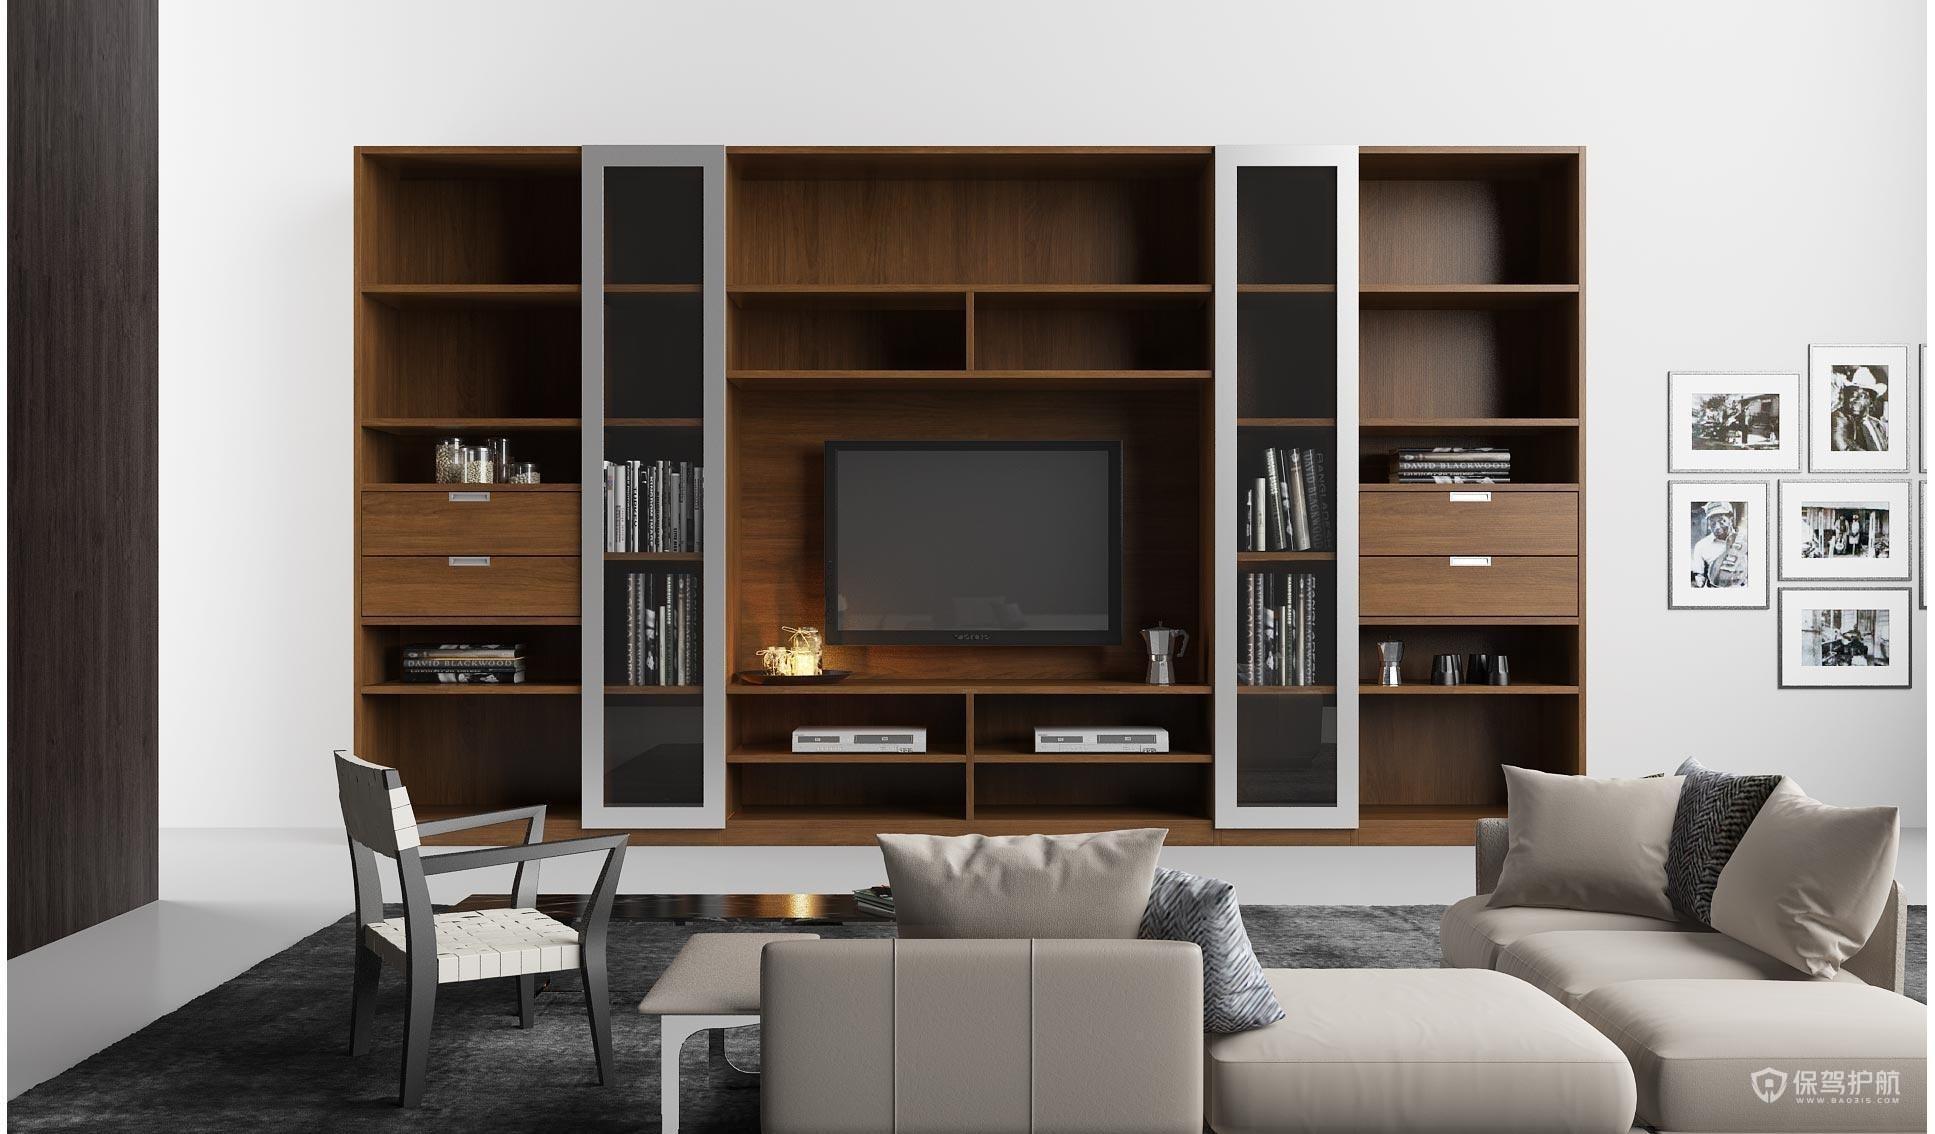 多功能组合电视柜有什么优点?多功能组合电视柜怎么选购?